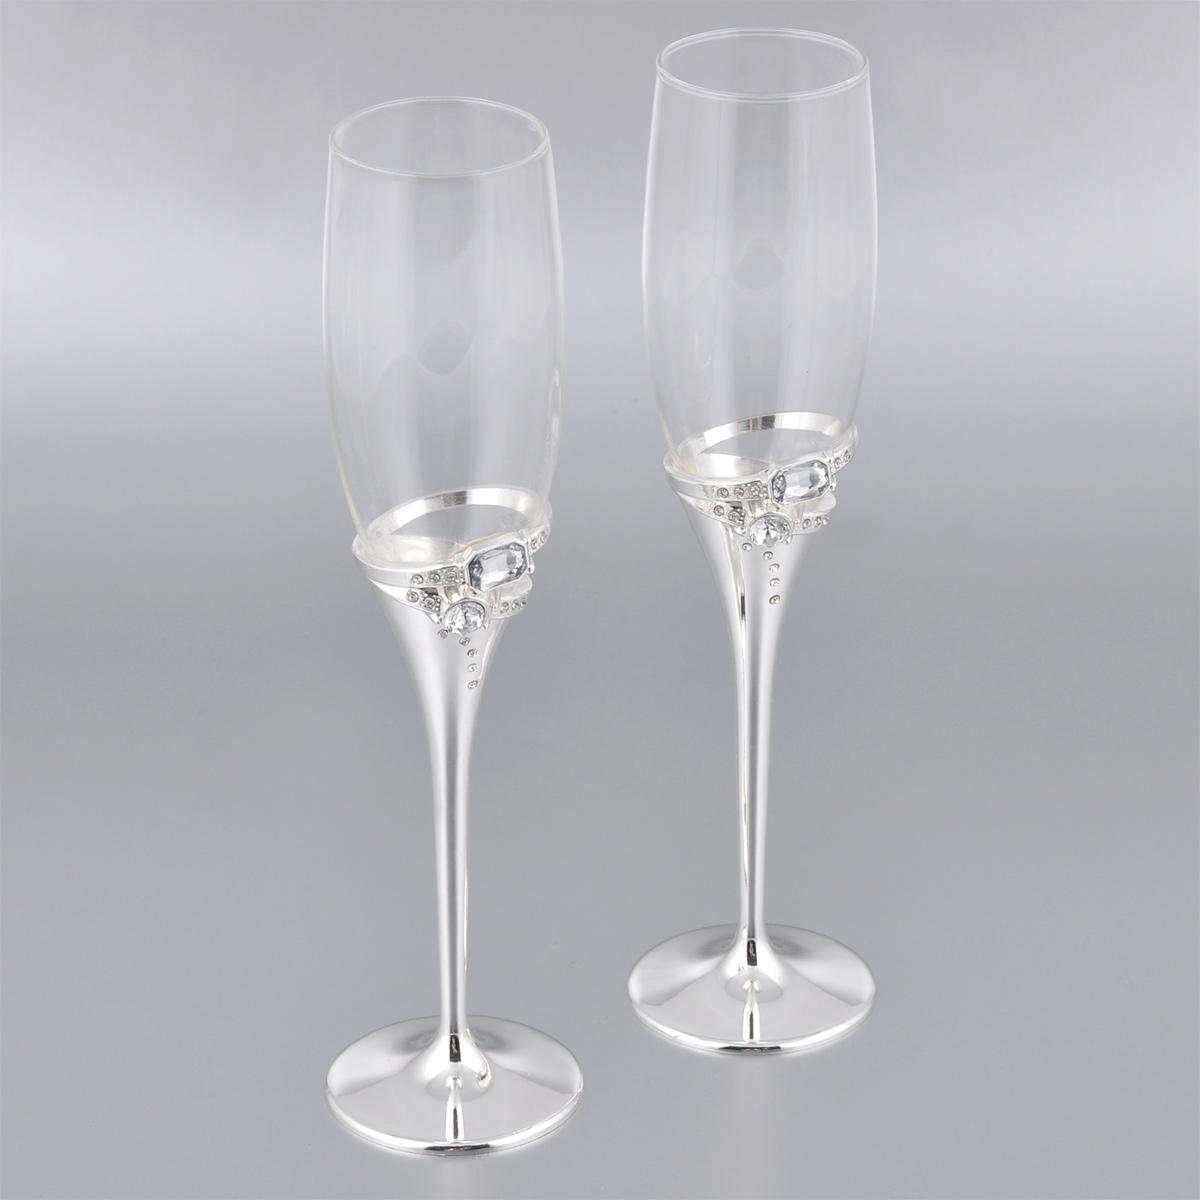 """Набор """"Marquis"""" состоит из двух бокалов на высоких ножках. Бокалы выполнены из стекла. Изящные тонкие ножки, изготовленные из стали с серебряно-никелевым покрытием, оформлены узором из страз. Бокалы идеально подойдут для шампанского или вина. Такой набор станет прекрасным дополнением романтического вечера. Изысканные изделия необычного оформления понравятся и ценителям классики, и тем, кто предпочитает утонченность и изысканность. Диаметр по верхнему краю: 5 см. Диаметр основания: 6,8 см. Высота бокалов: 25,5 см."""